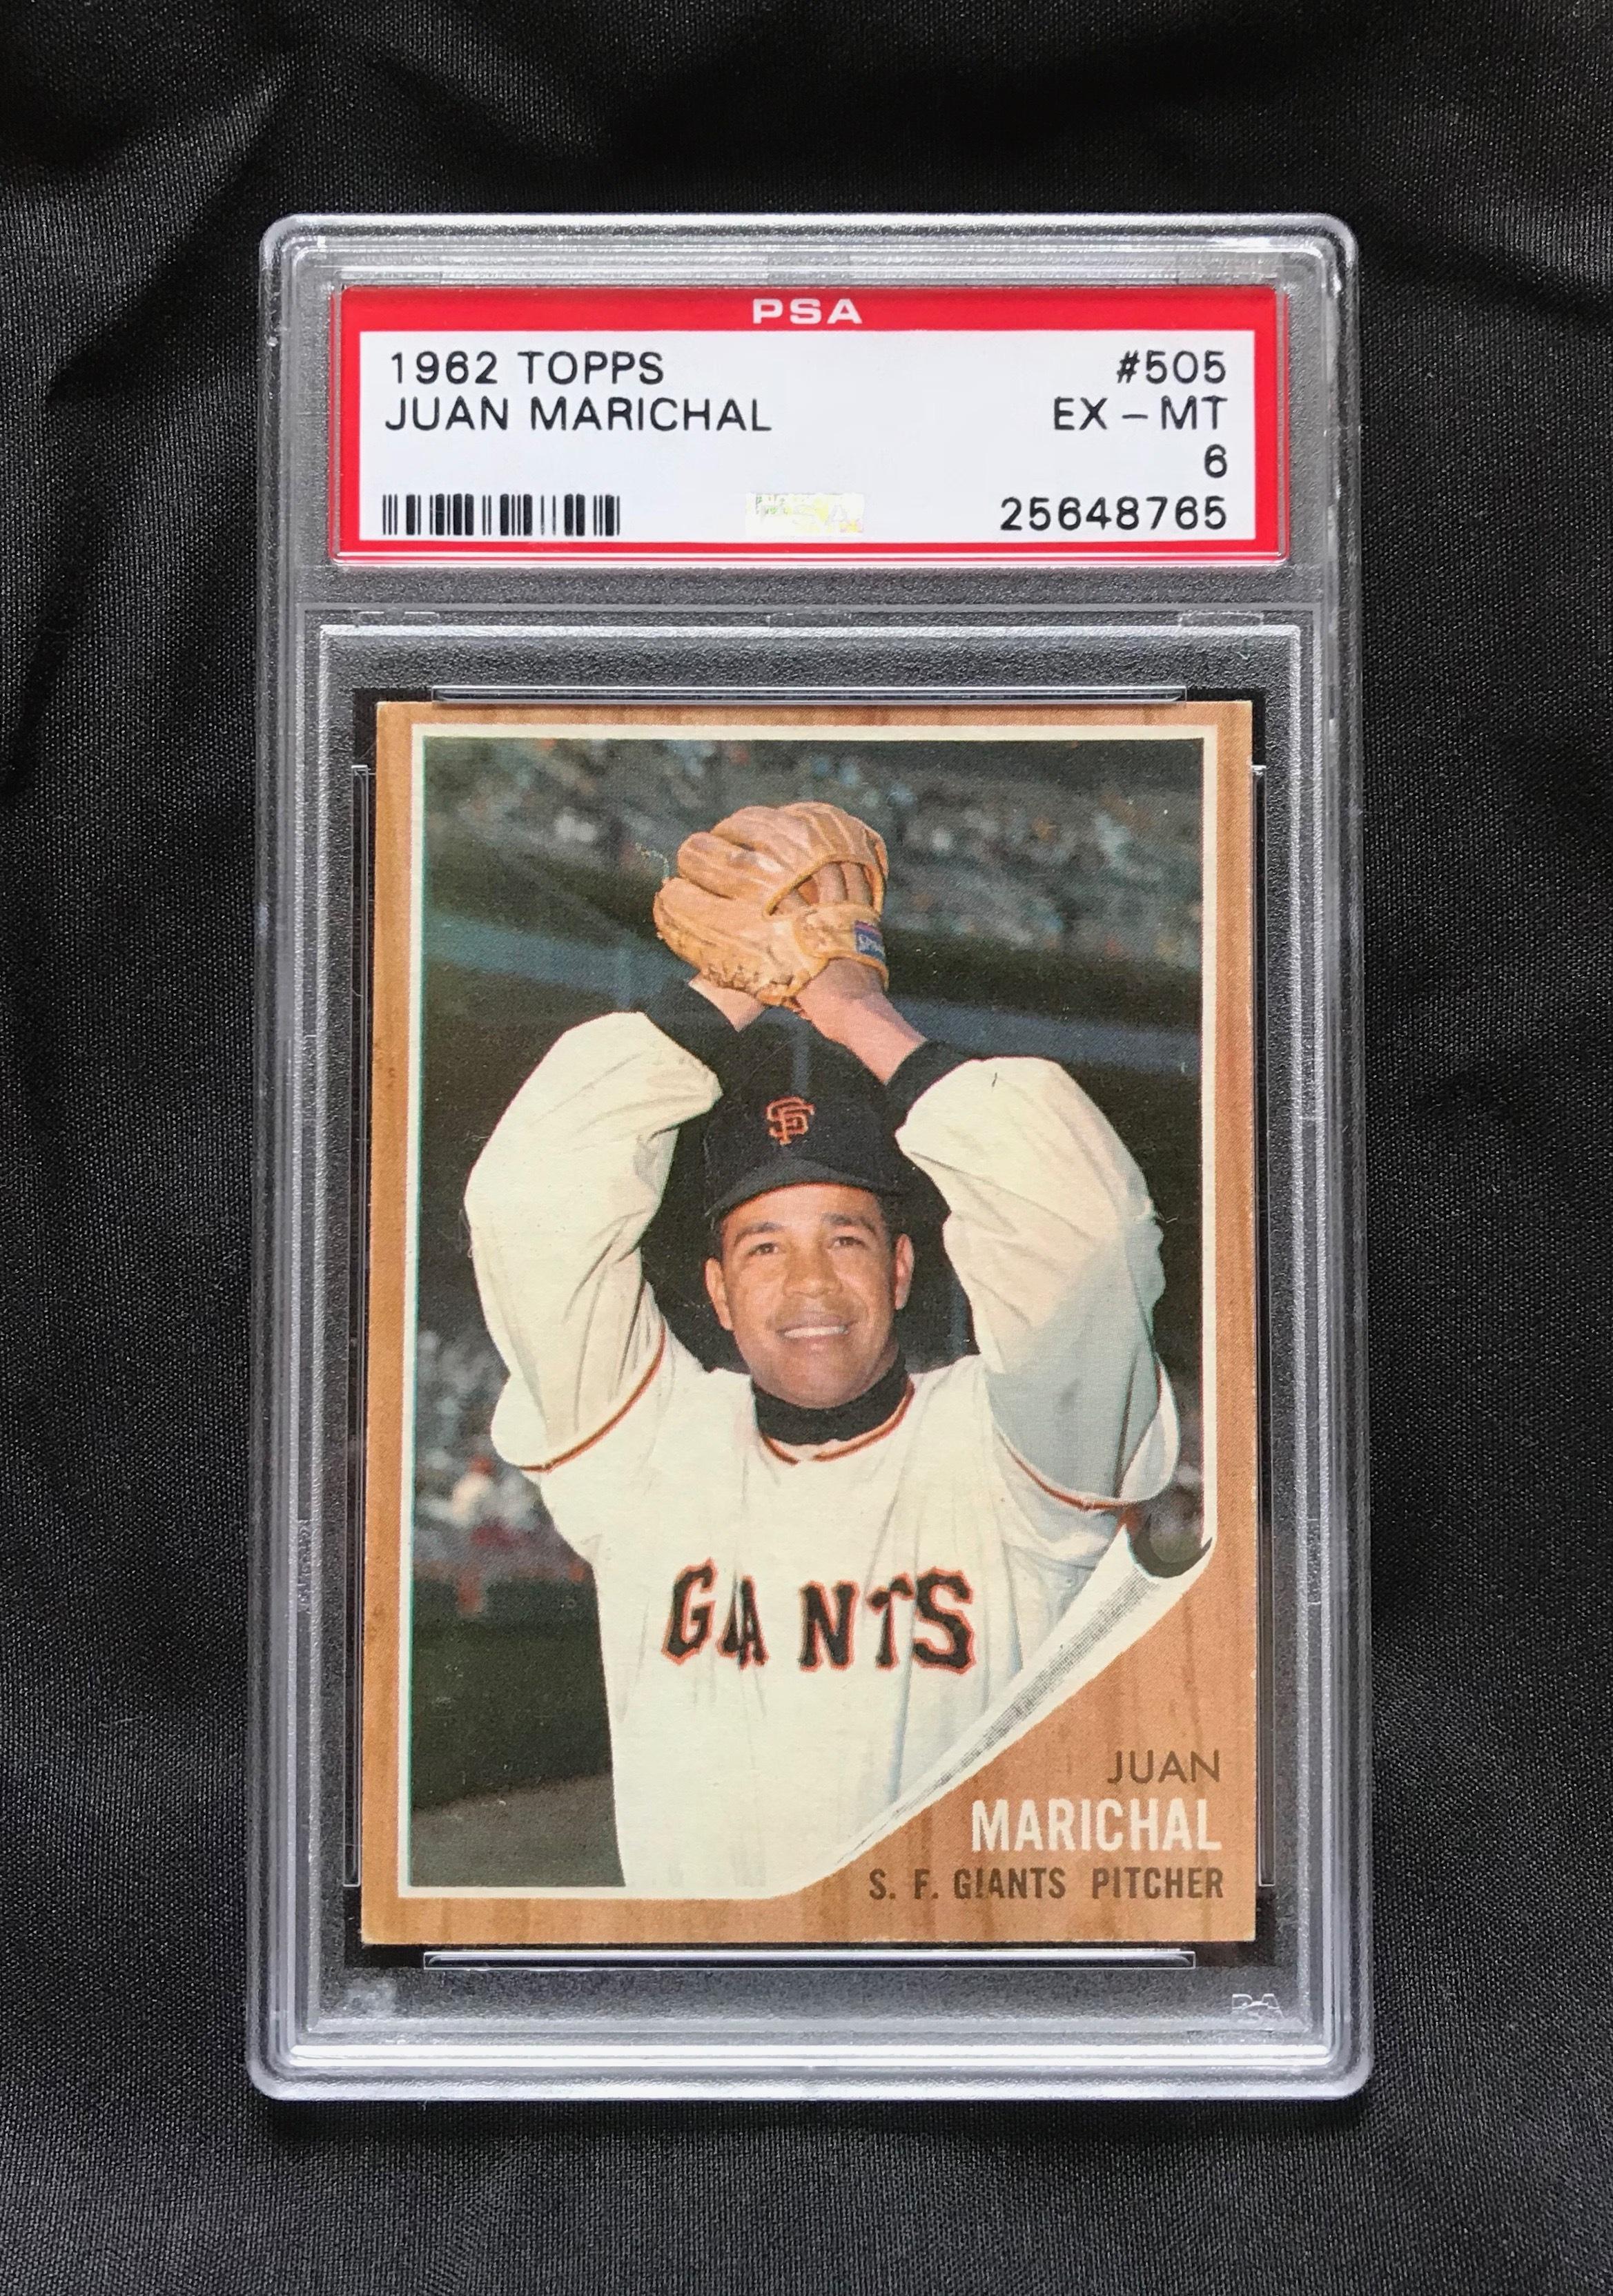 1962 Topps Juan Marichal #505 Baseball Card PSA 6